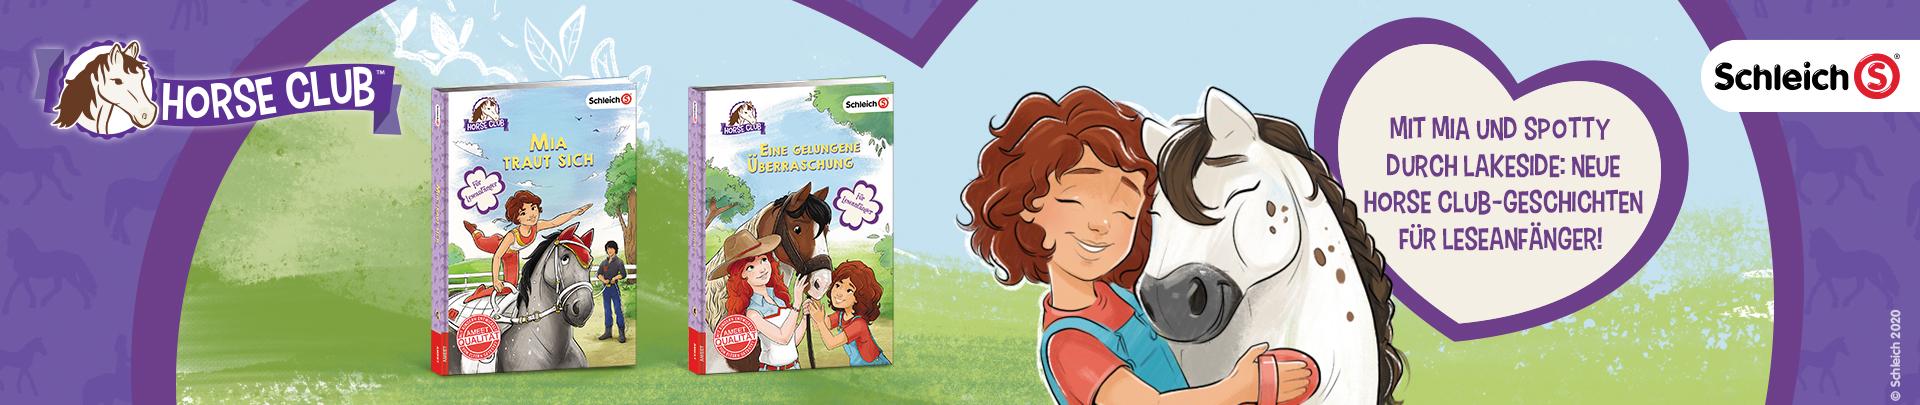 Schleich Horse Club Neue Bücher